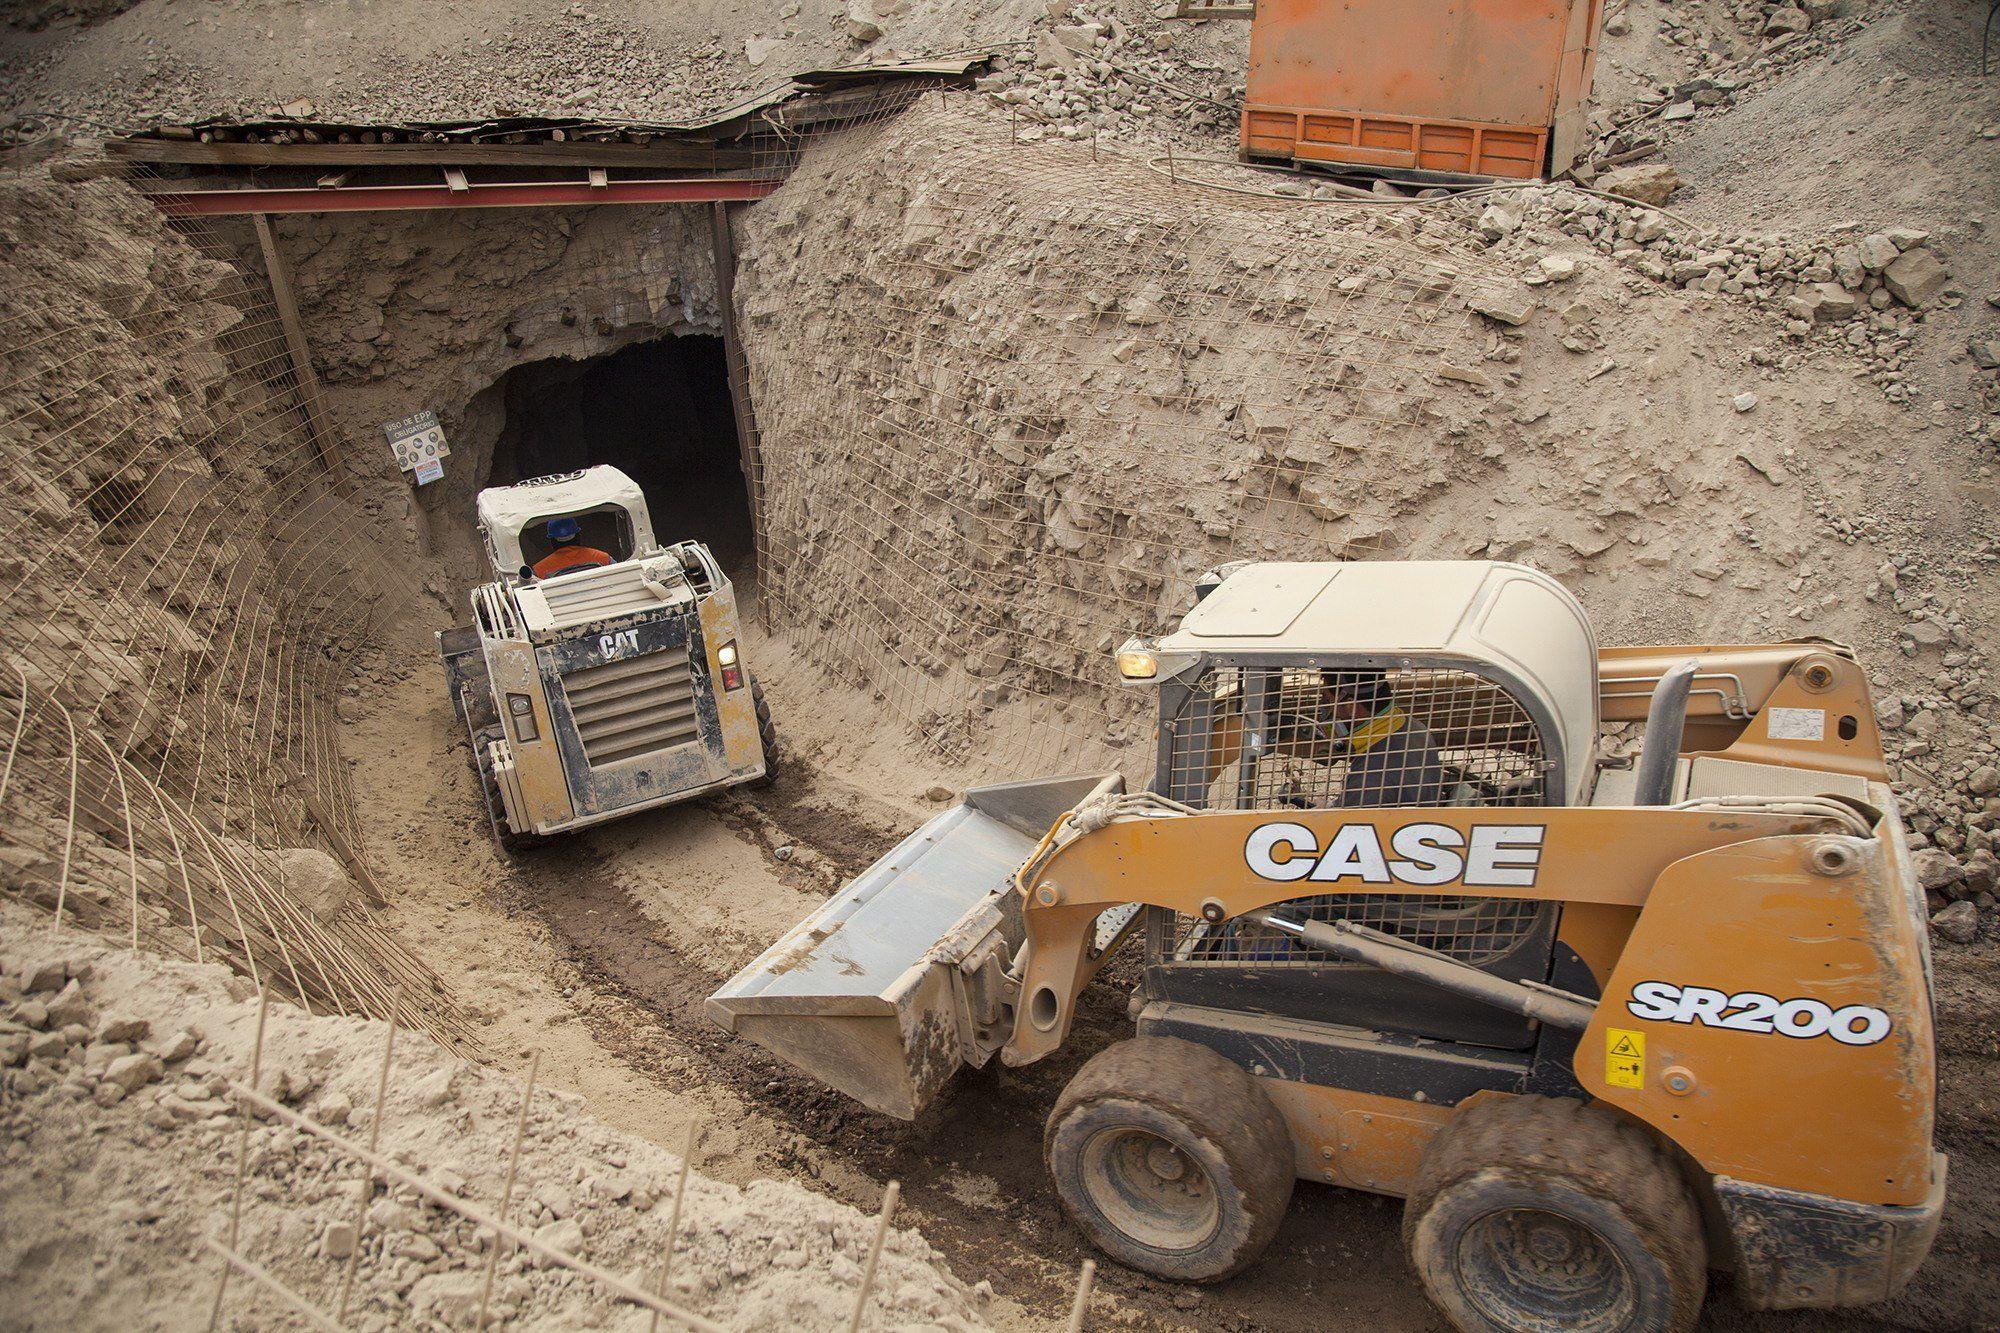 Para llegar a ellos, se trató de desbloquear el túnel con explosiones controladas que no surtieron efecto. (EFE)